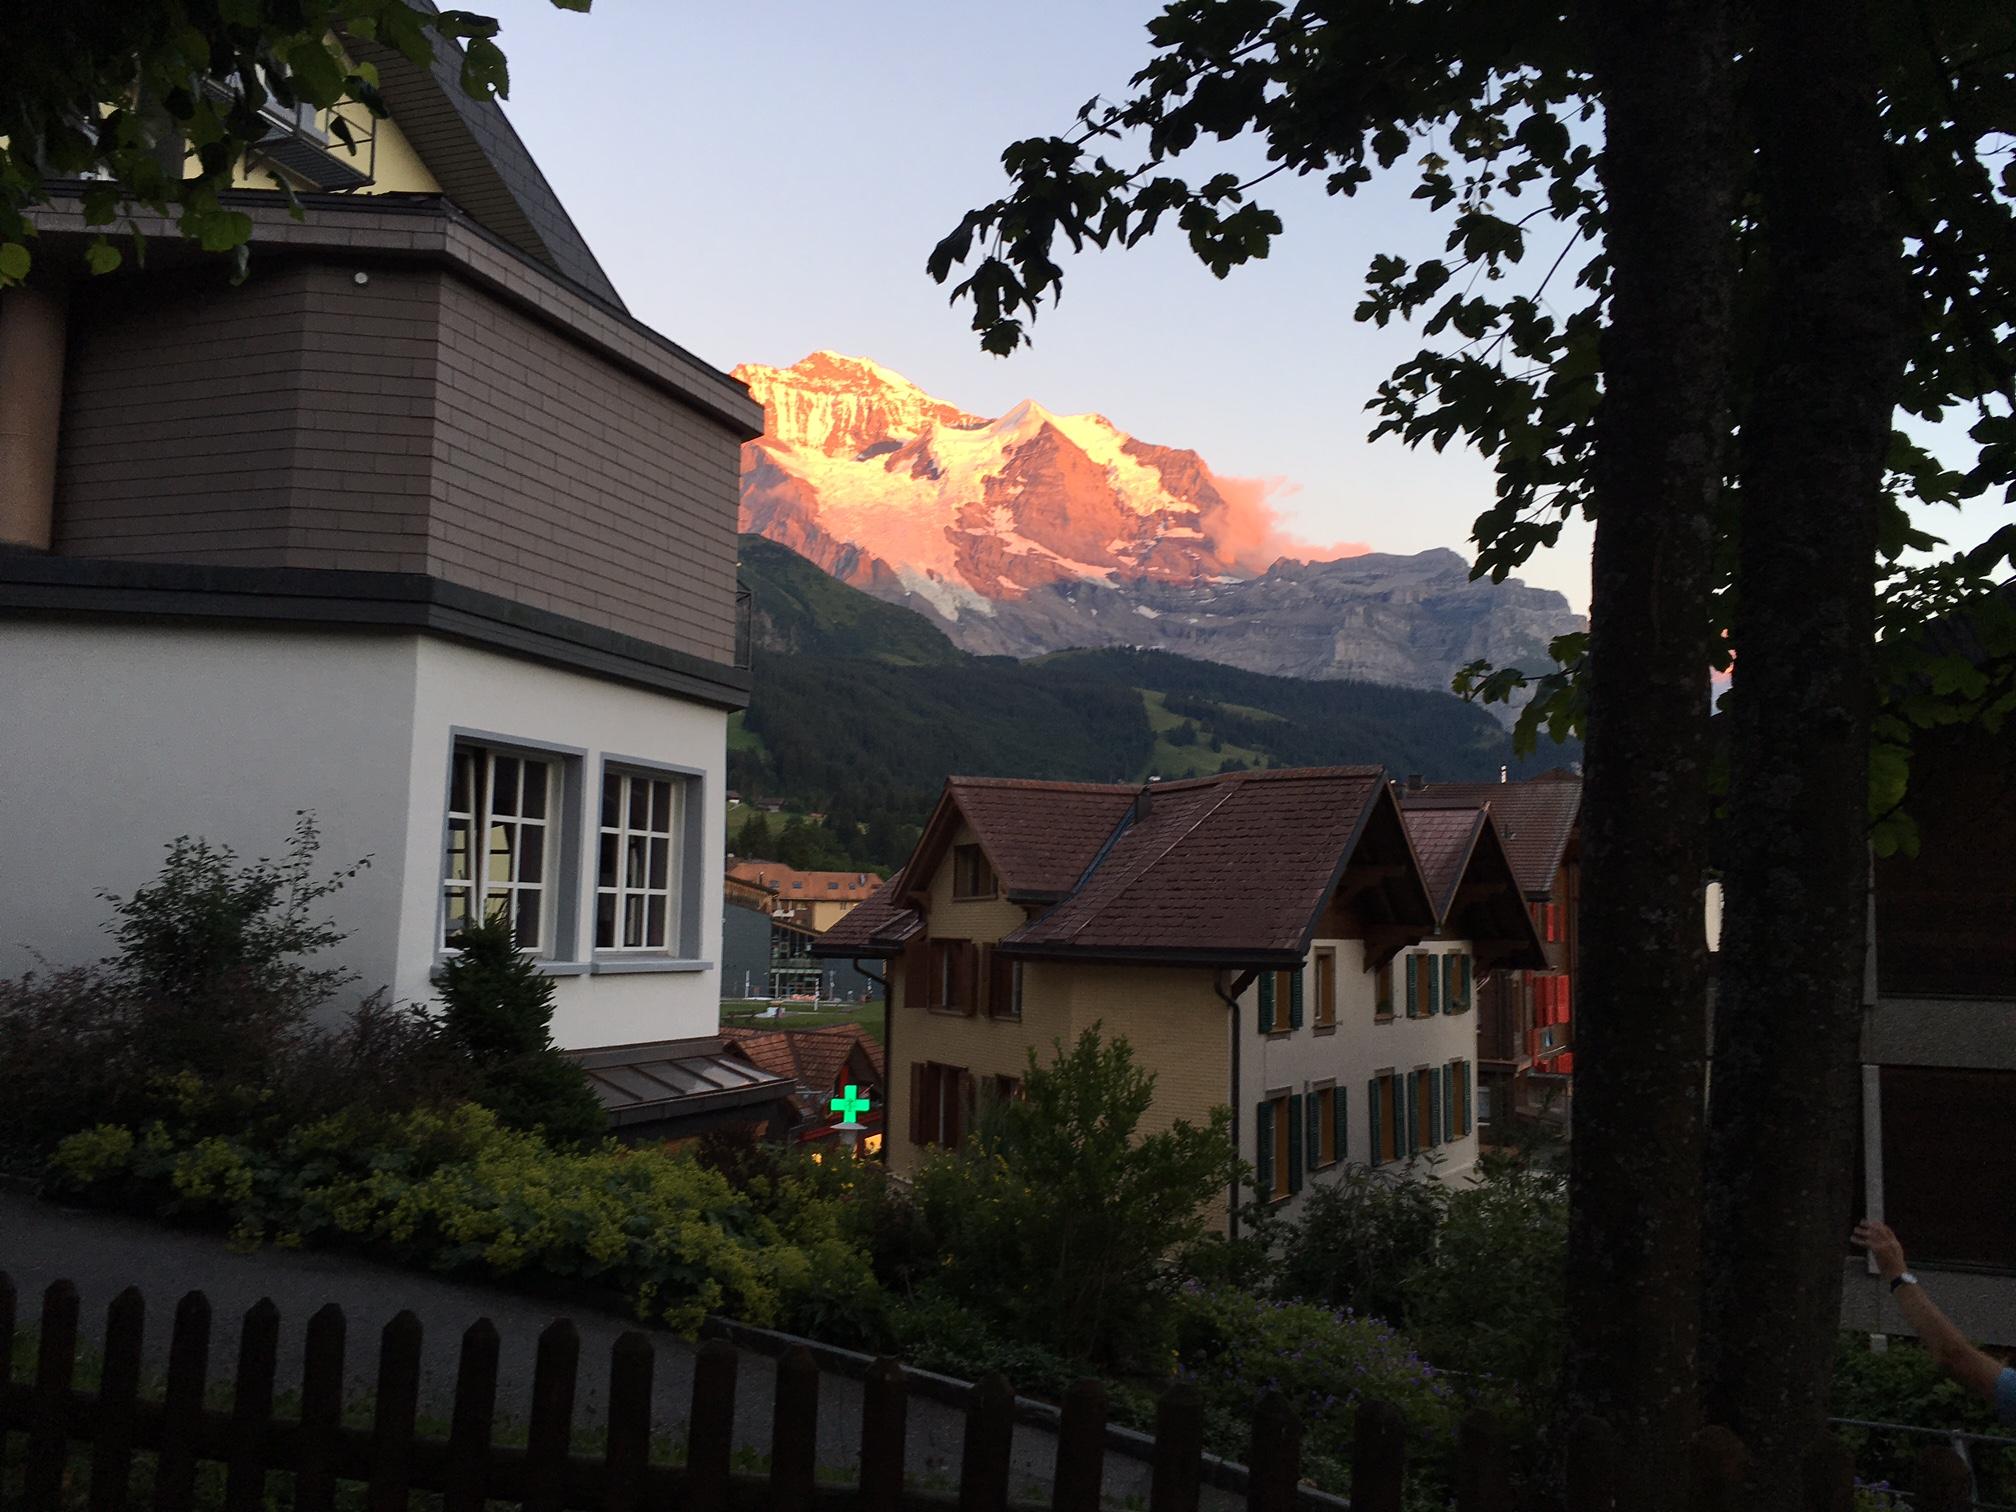 The Jungfrau ablaze near Da Sina.